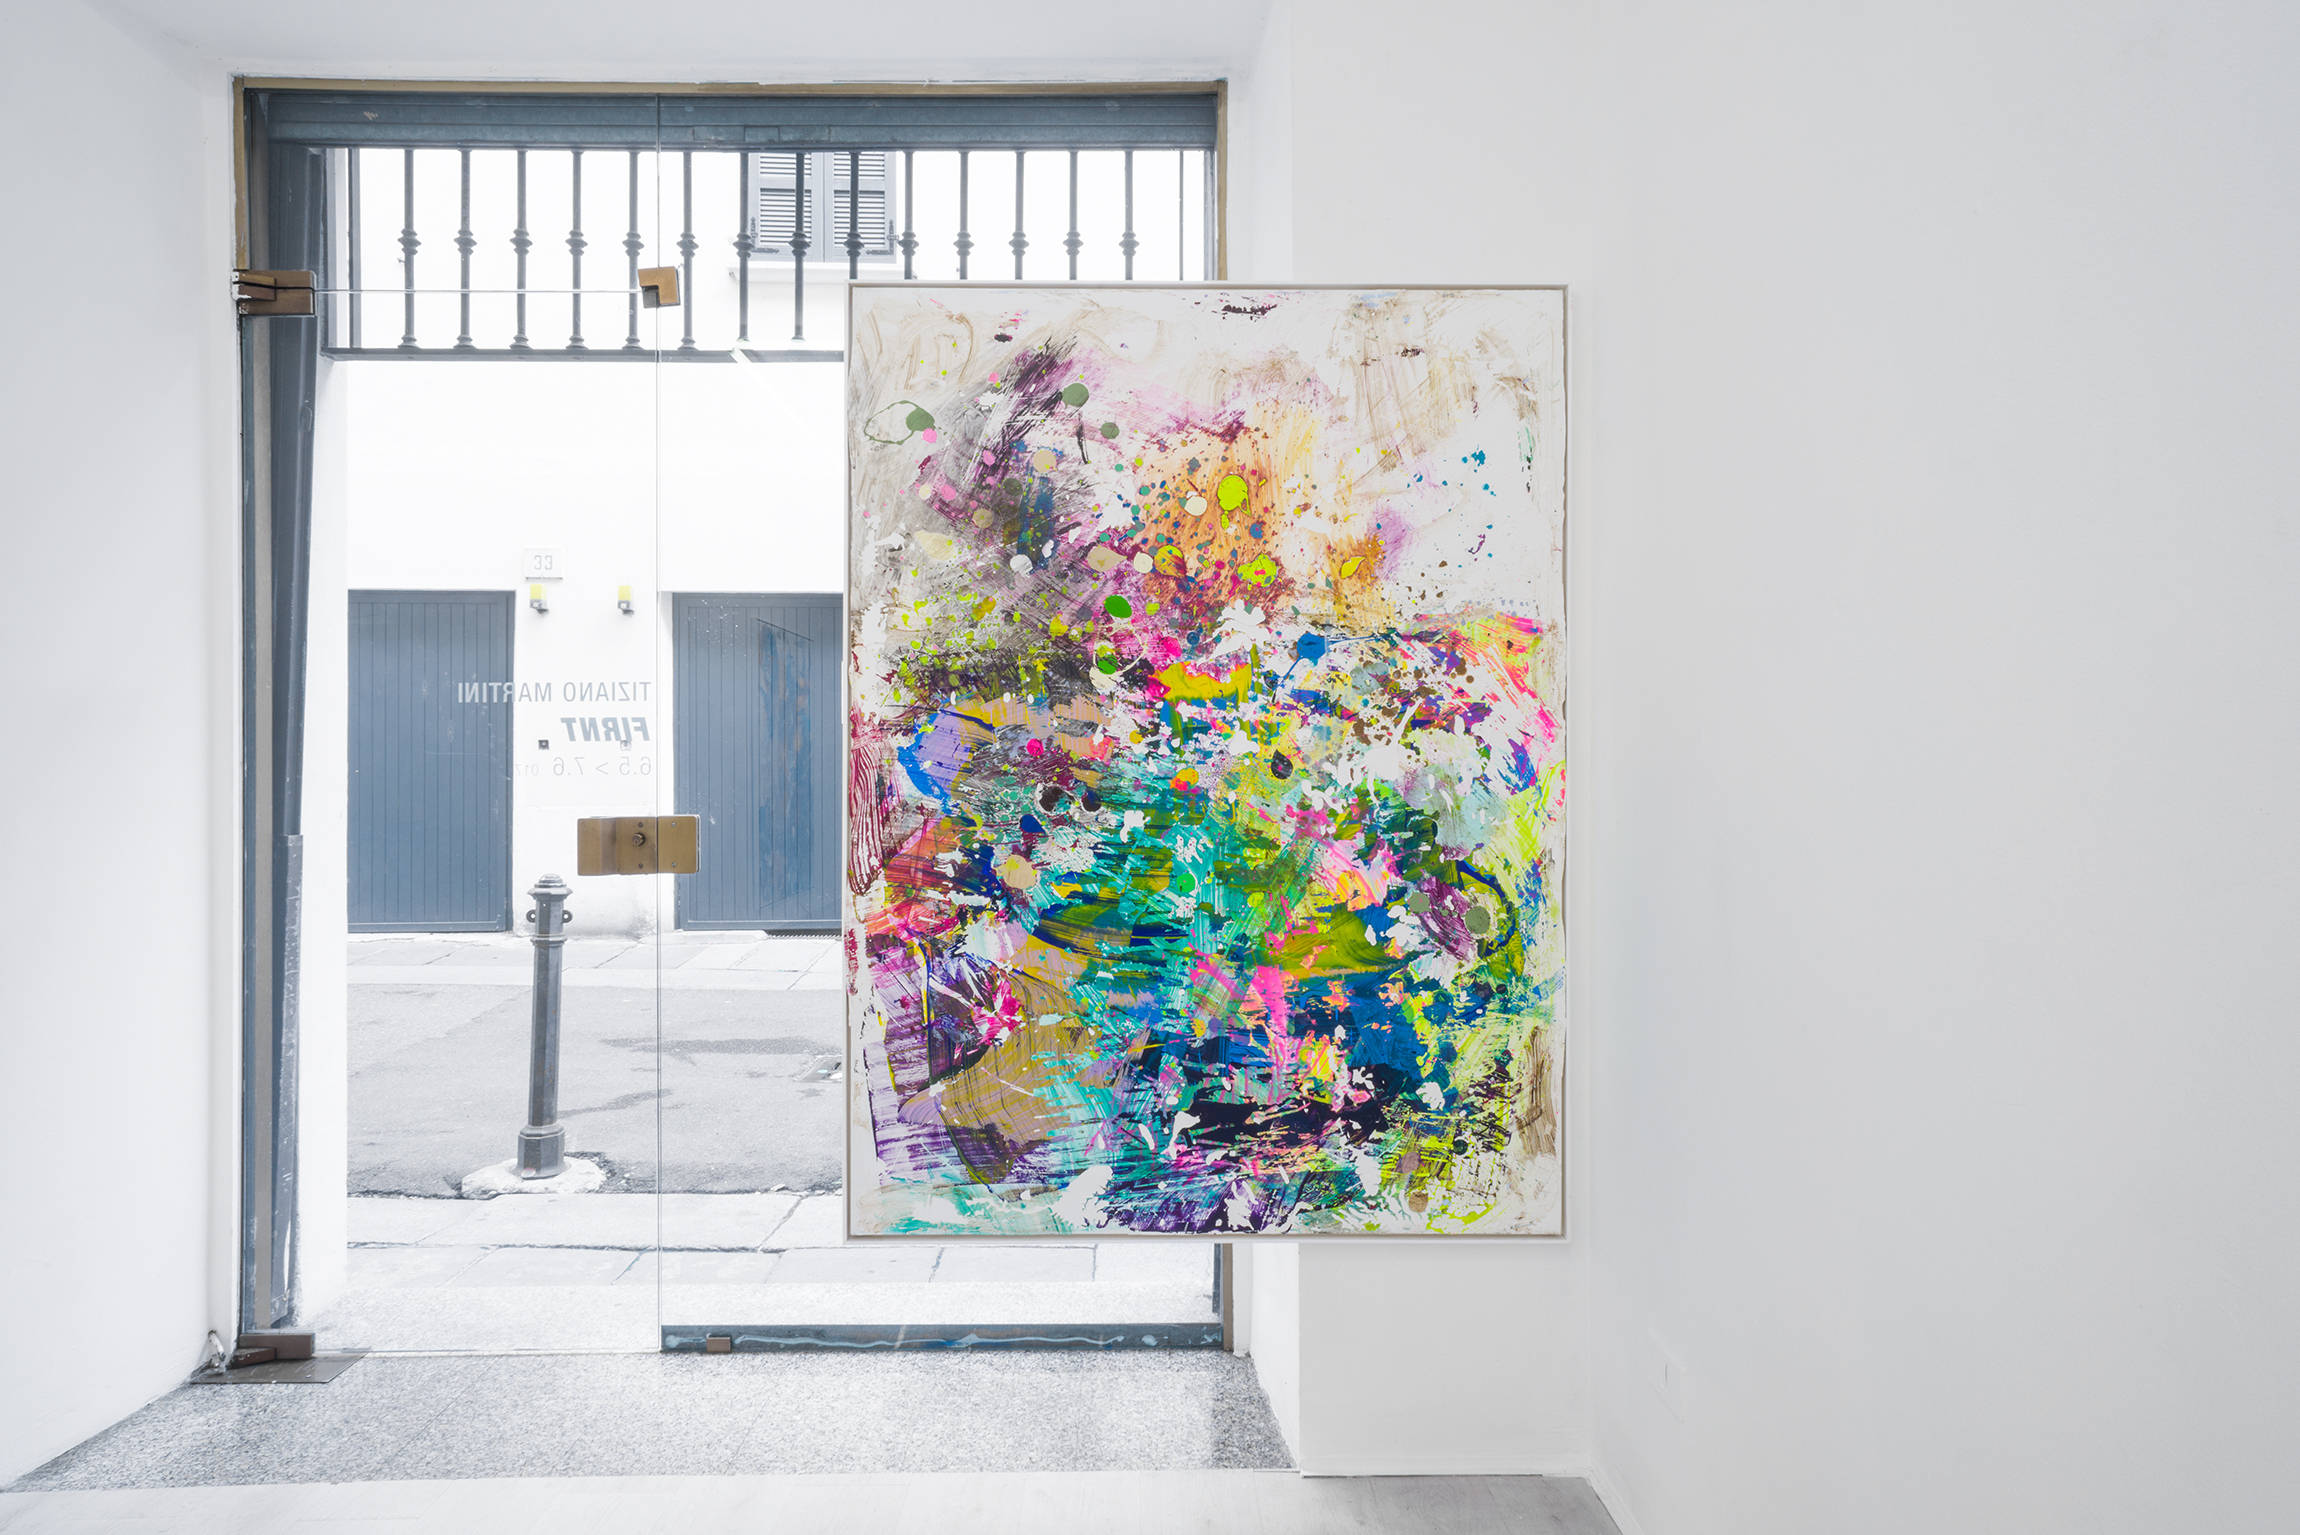 10. TM, Polenta e osei 2017, monotipia e sedimenti acrilici impressi su acrilico bianco, cornice artista, 162x122cm